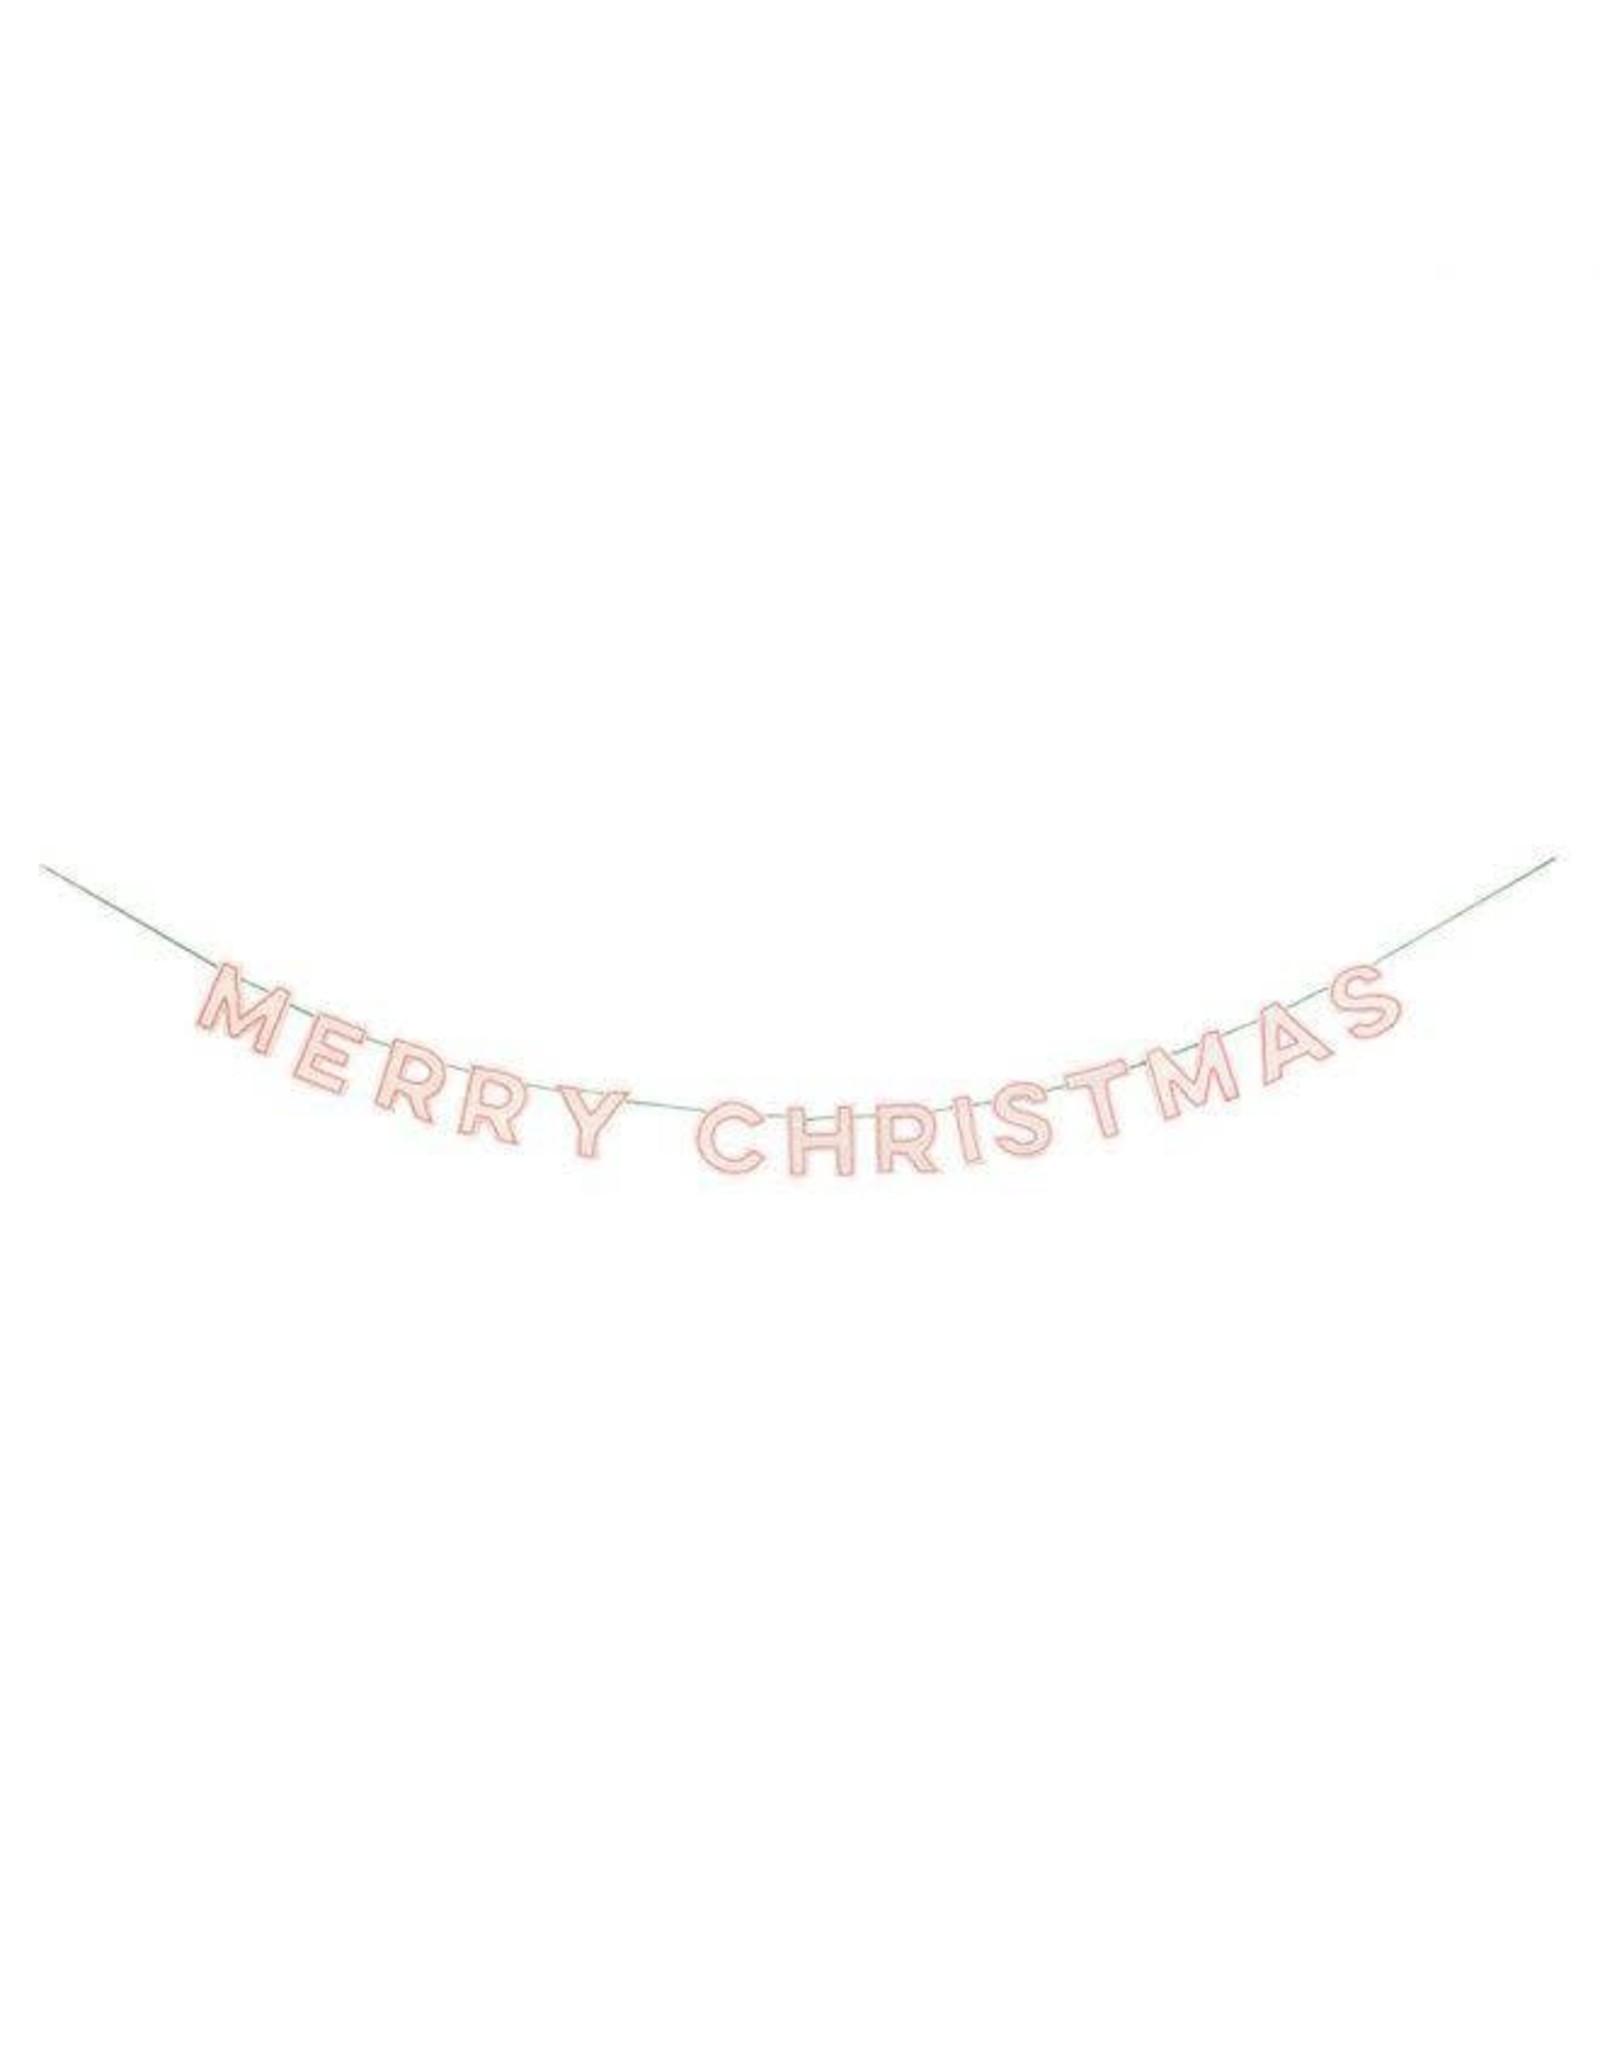 Meri Meri Slinger - Merry Christmas - vilt - 2,3m